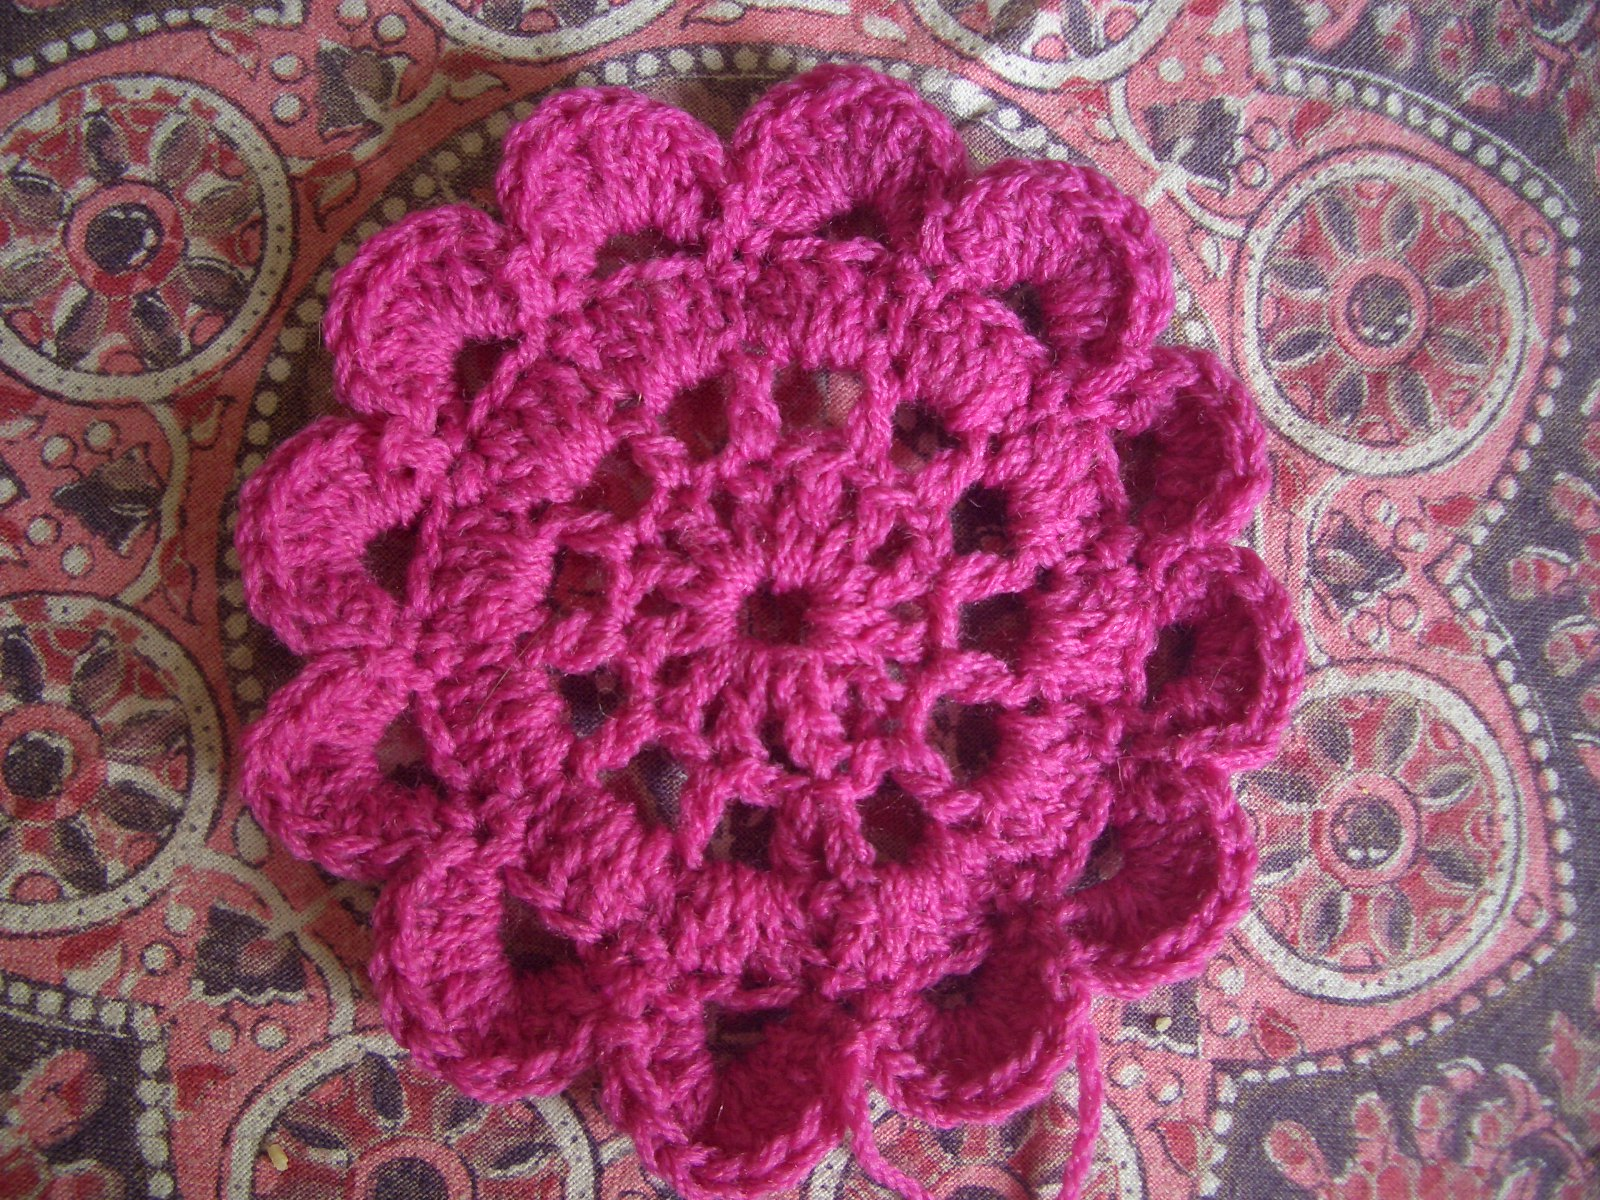 Flower images 2018 japanese flower motif crochet pattern flower flower images 2018 japanese flower motif crochet pattern flower images ccuart Gallery